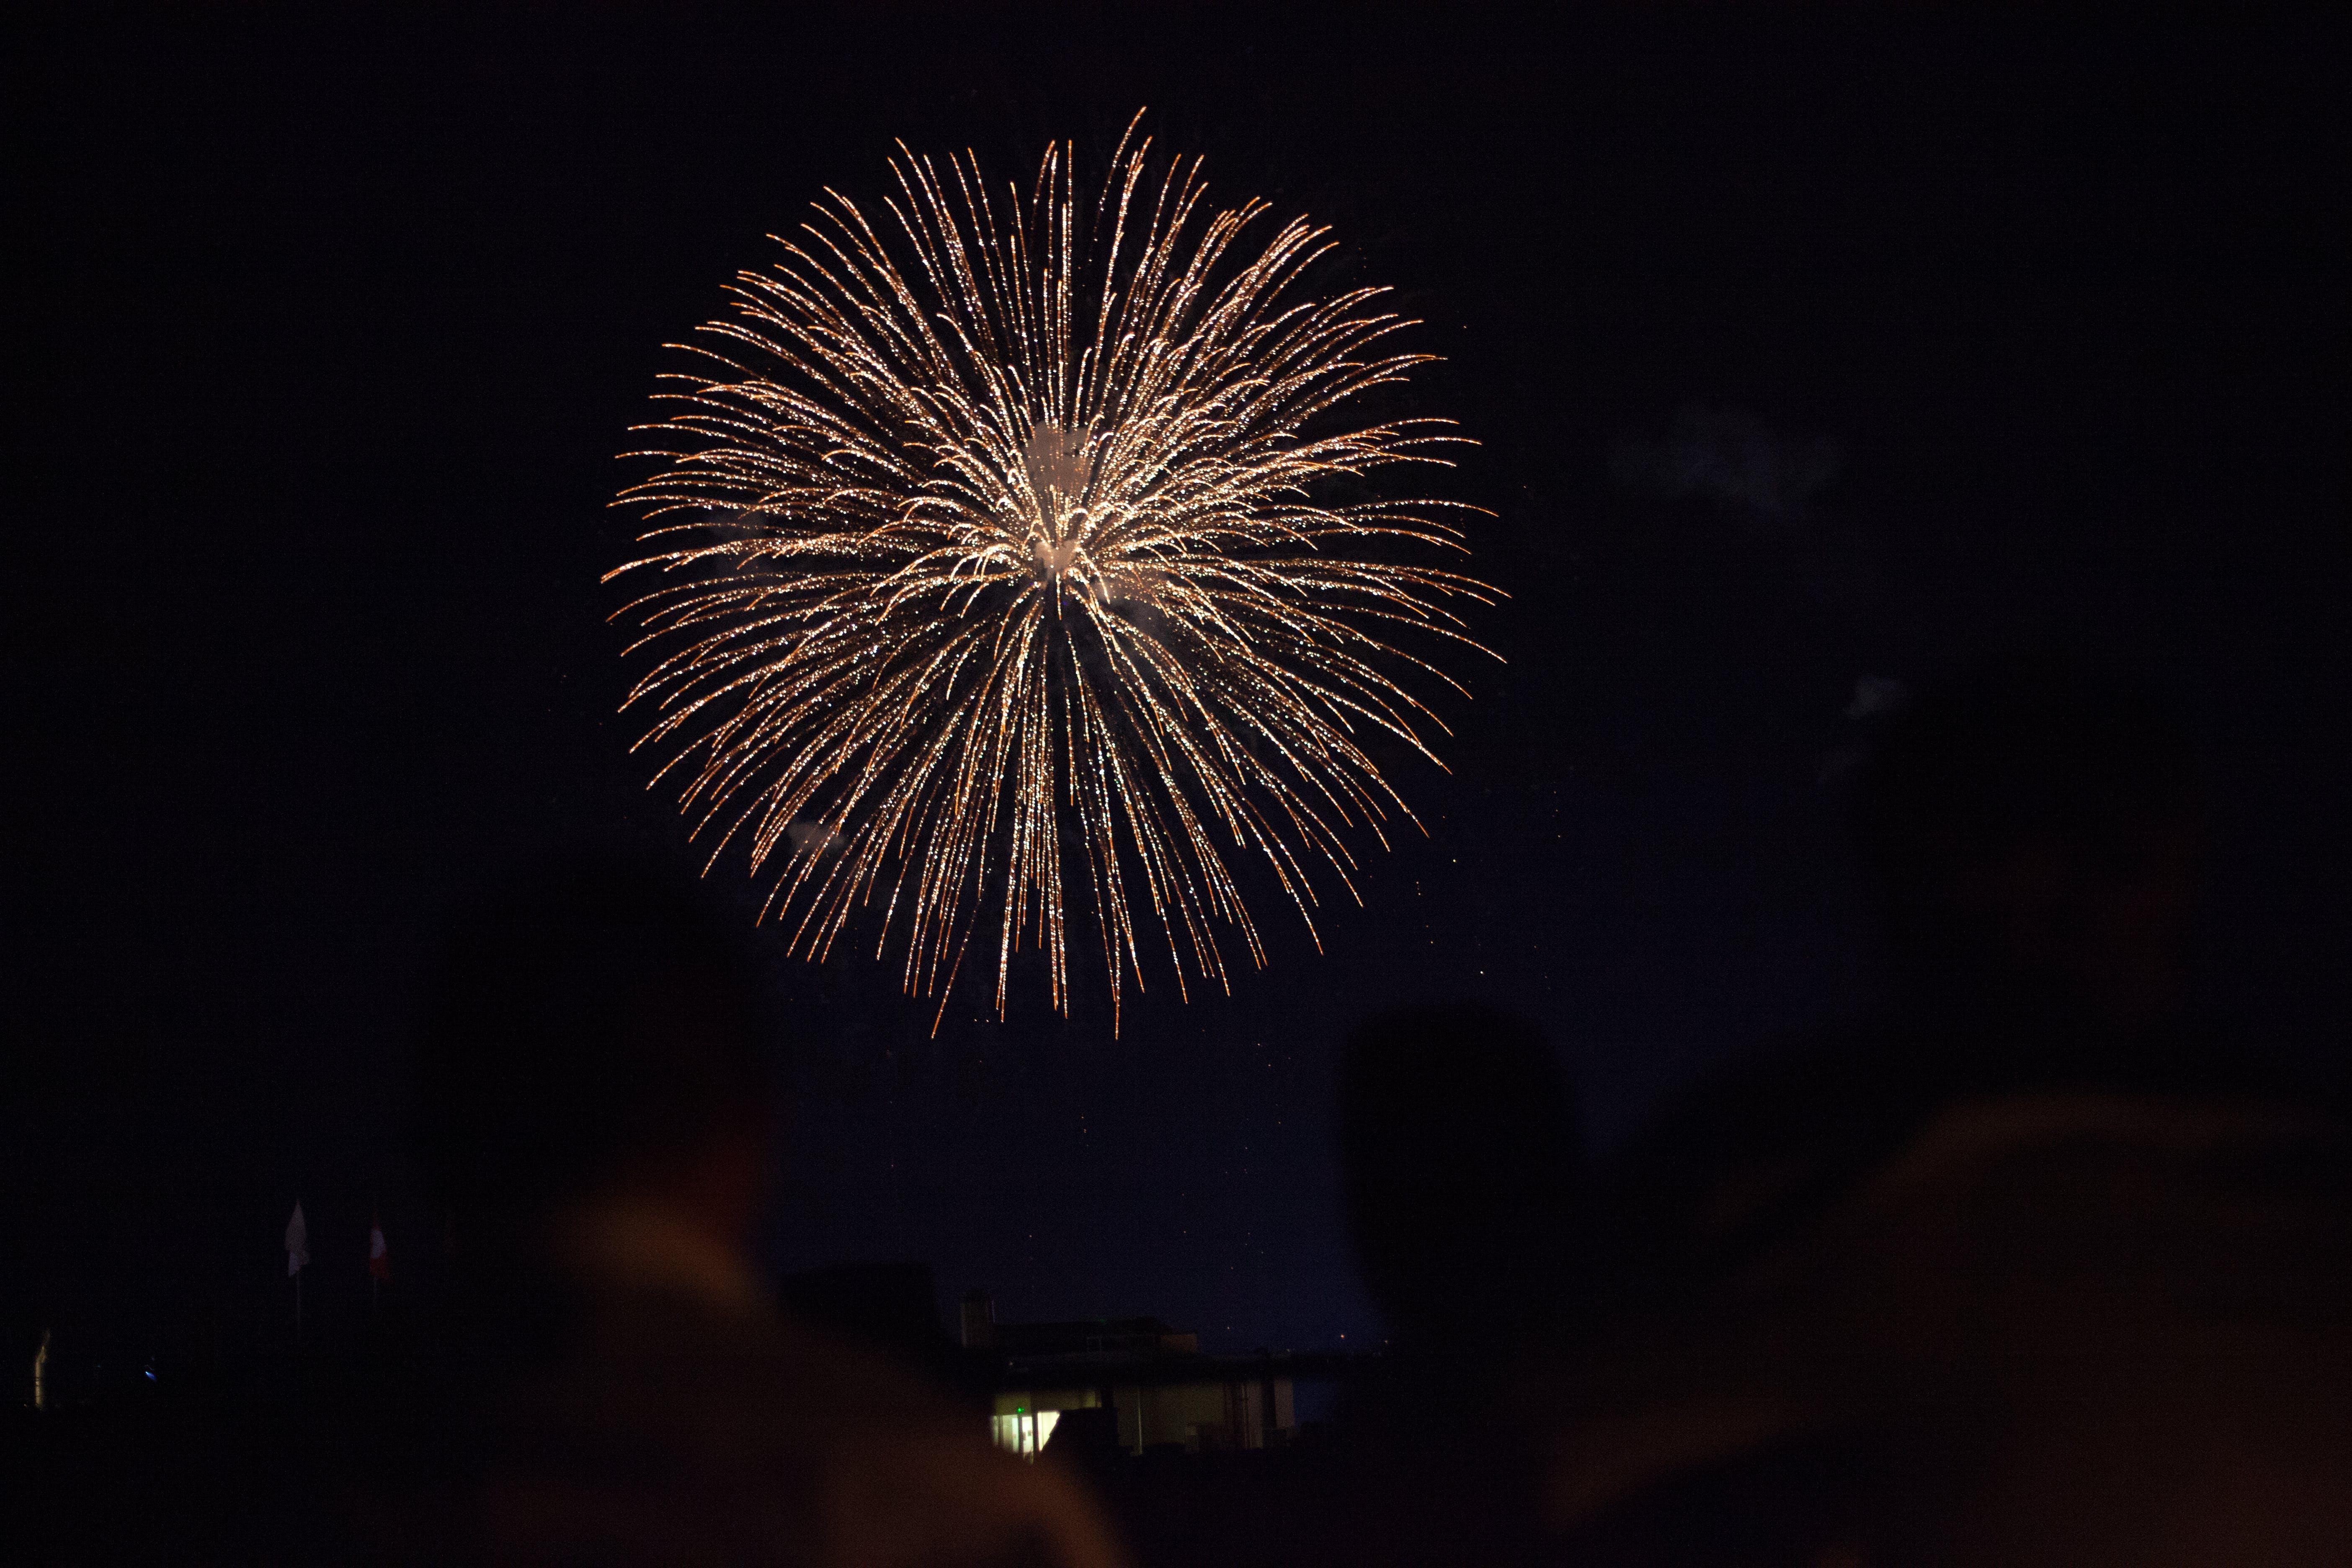 Photos gratuites de célébration, festival, feu d'artifice, feux d'artifice